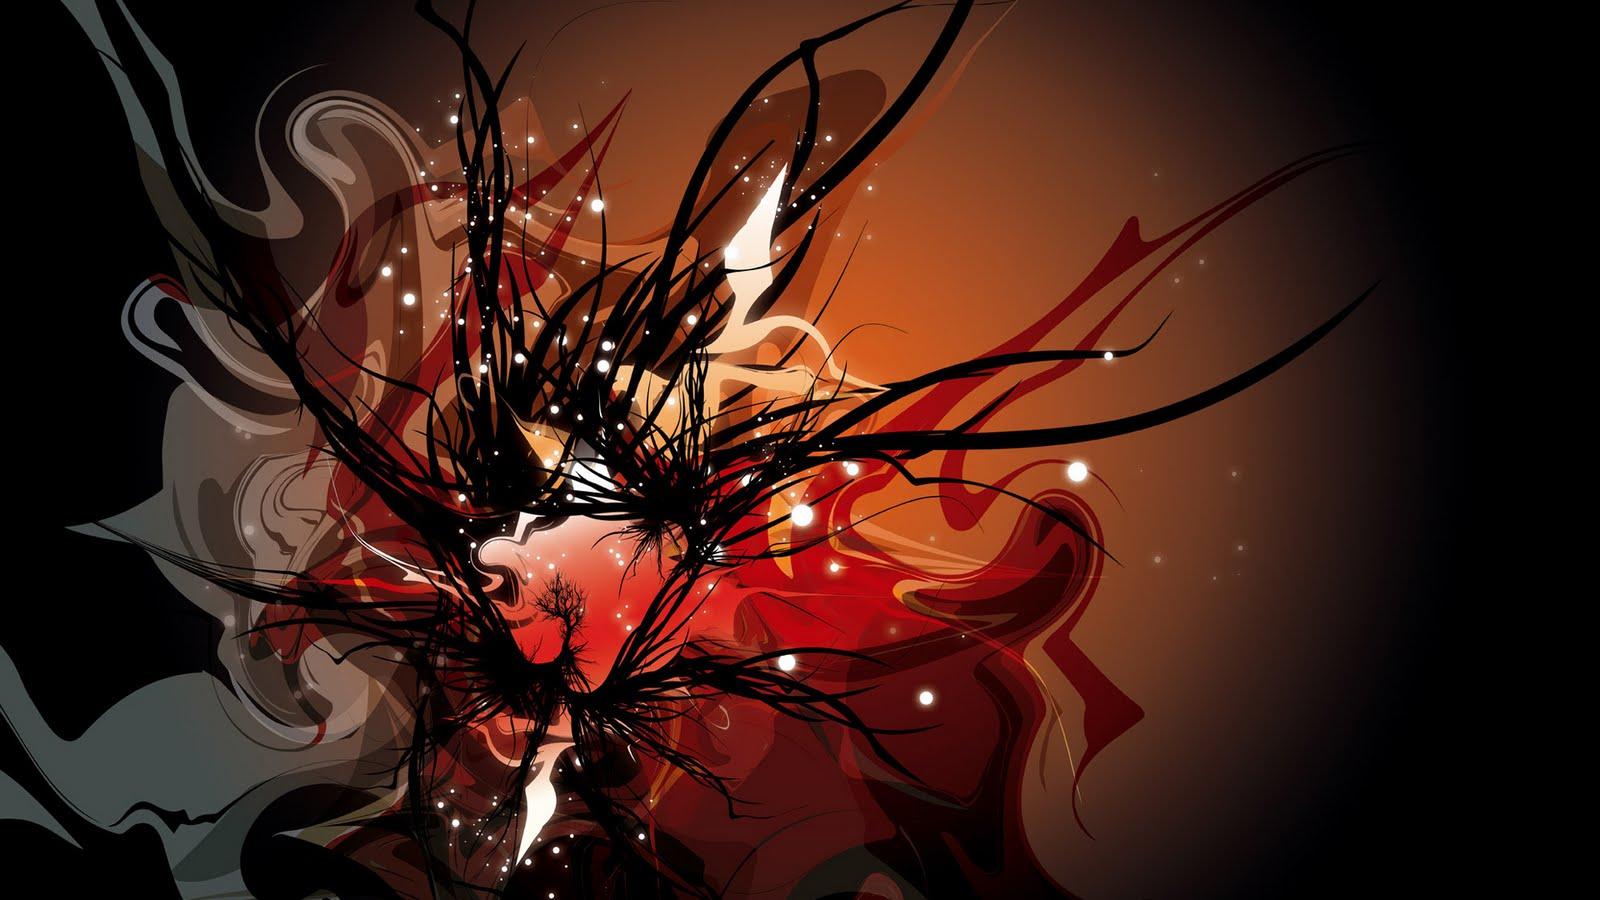 http://2.bp.blogspot.com/_EQKlgPvurNc/S7YlaCKR1oI/AAAAAAAAAg0/vrIxAIHqJ24/s1600/wallpaper-497556.jpg